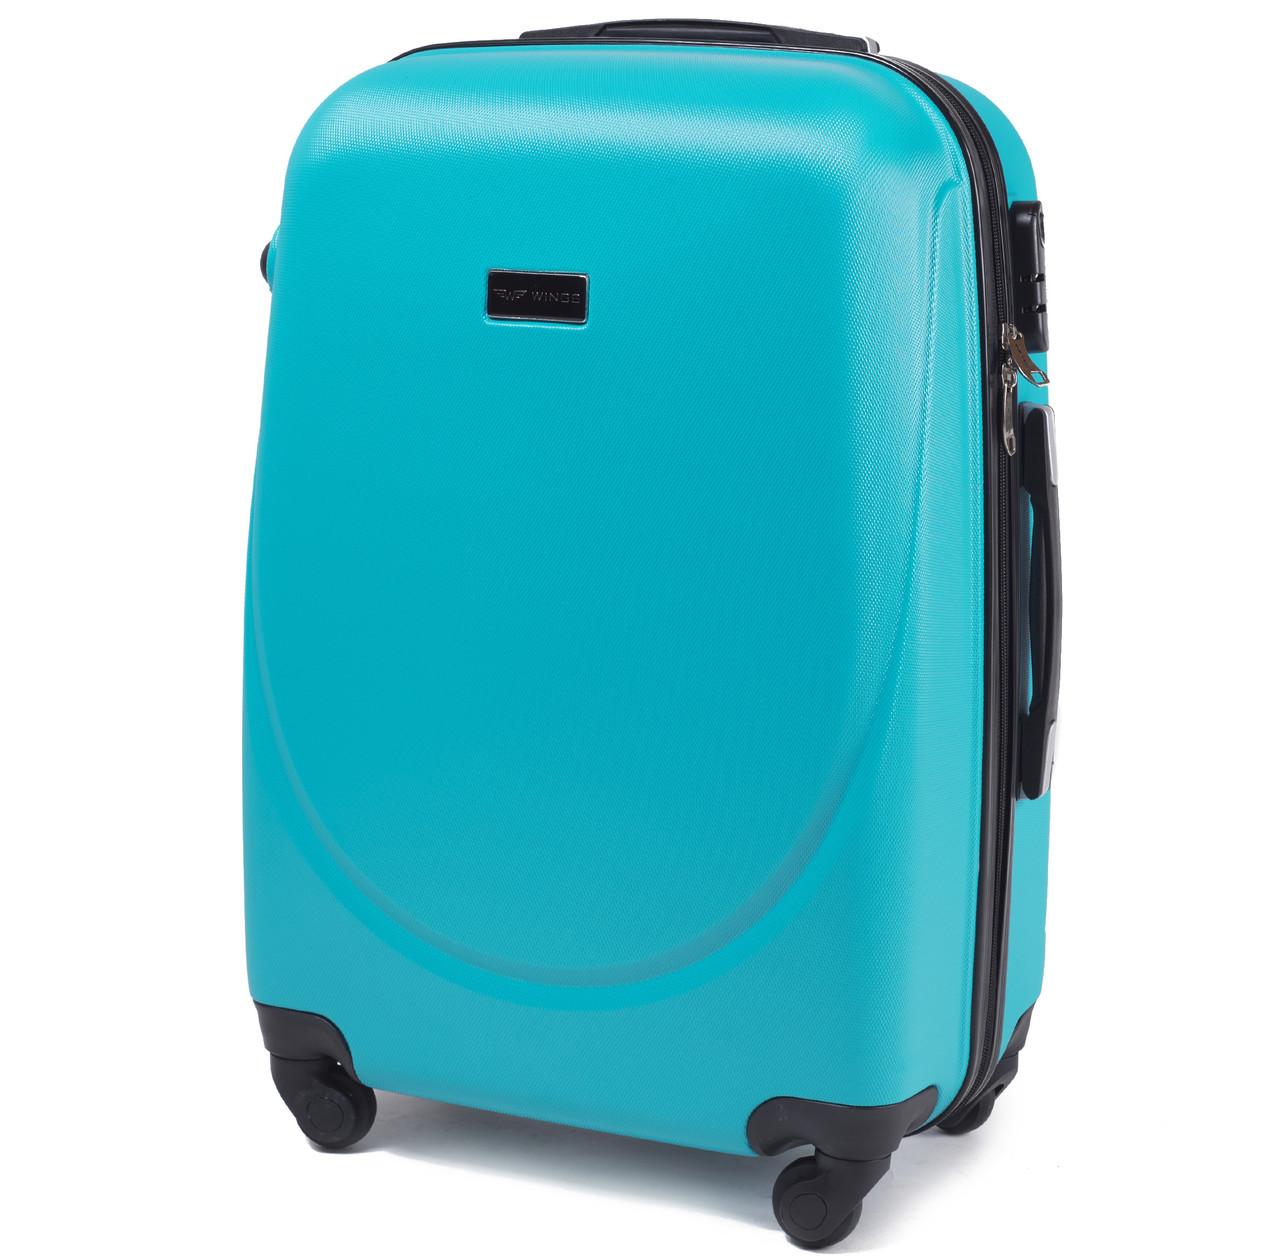 Большой пластиковый чемодан Wings 310 на 4 колесах голубой